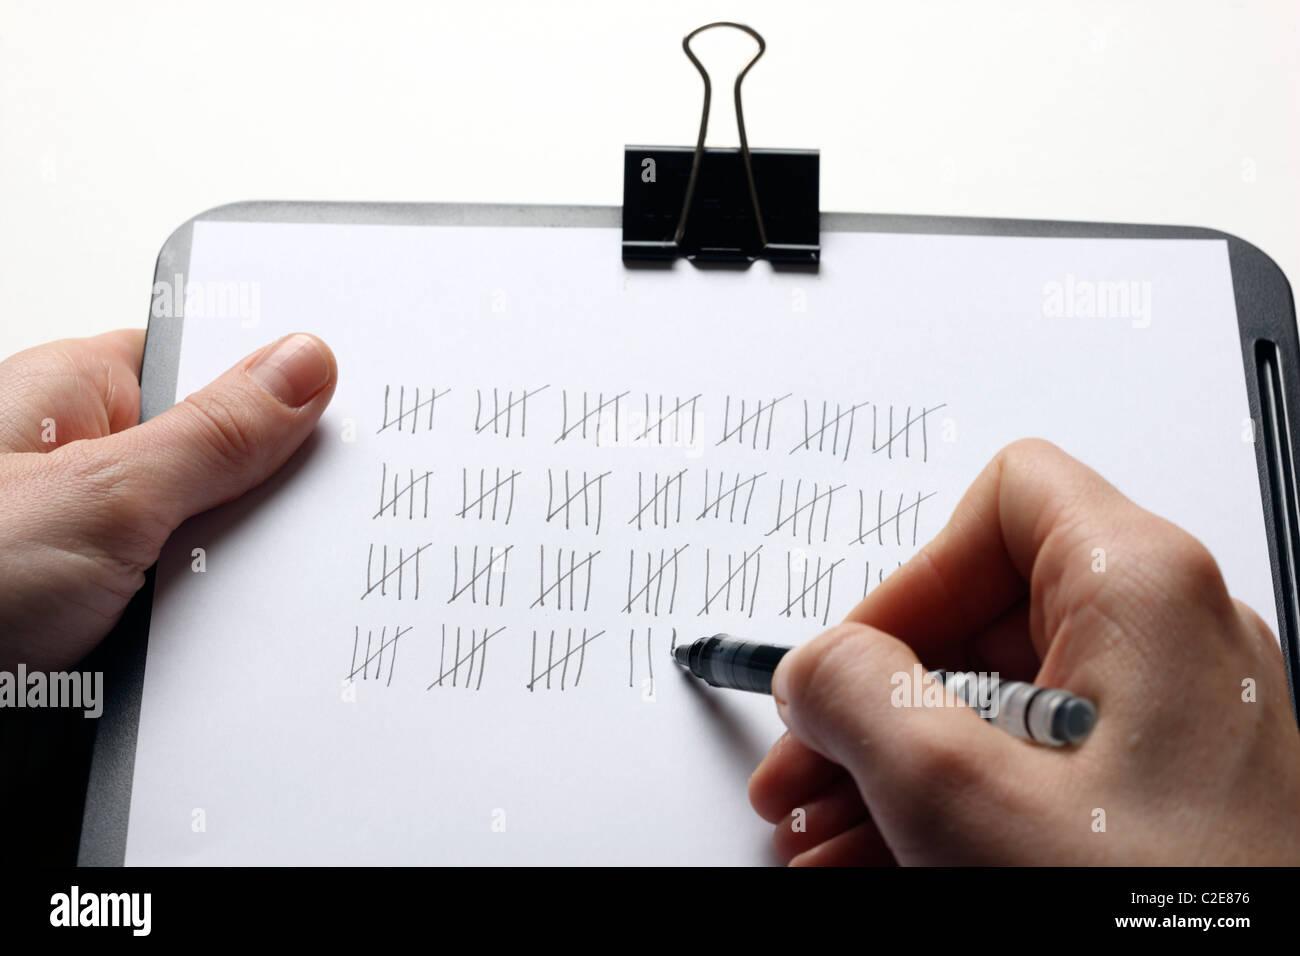 Greffier de pointage, compter les choses, liste de contrôle. Photo Stock